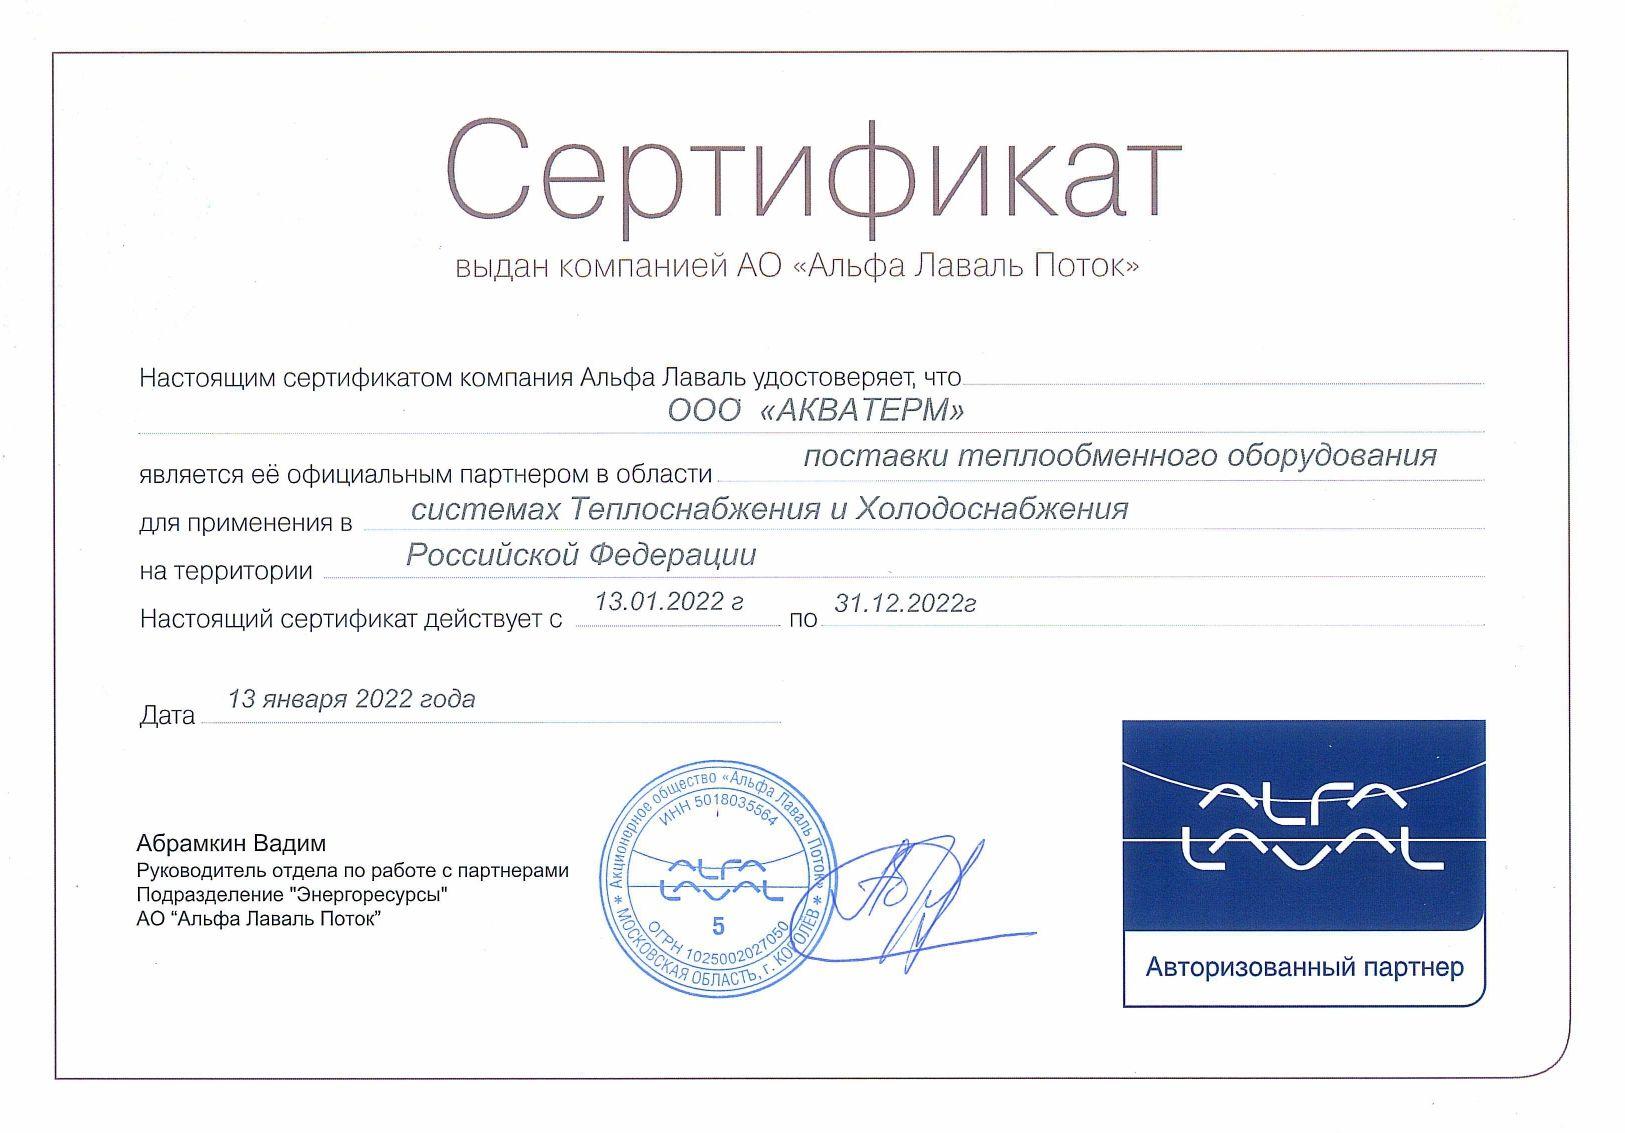 Альфа лаваль поток сертификаты на Кожухотрубный конденсатор Alfa Laval McDEW 105 T Кострома